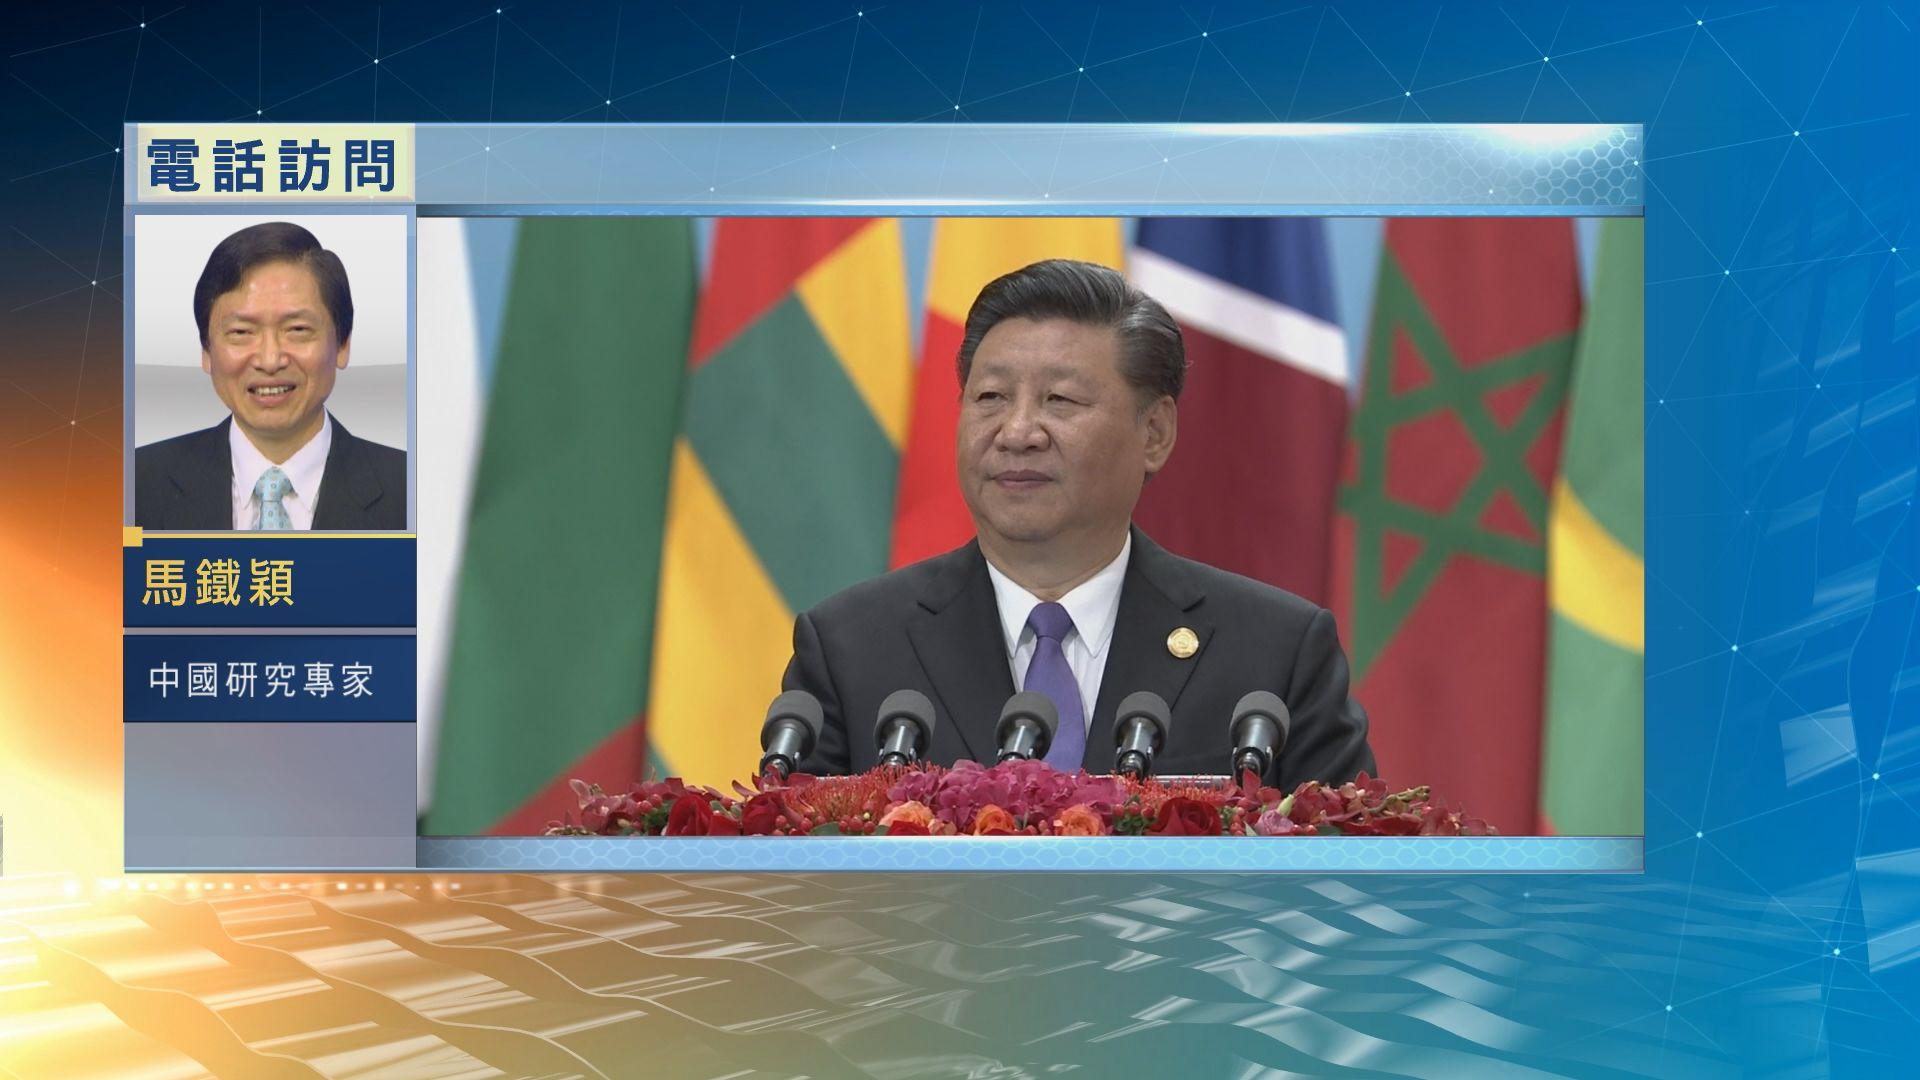 【中國評論】中非峰會統一宣傳